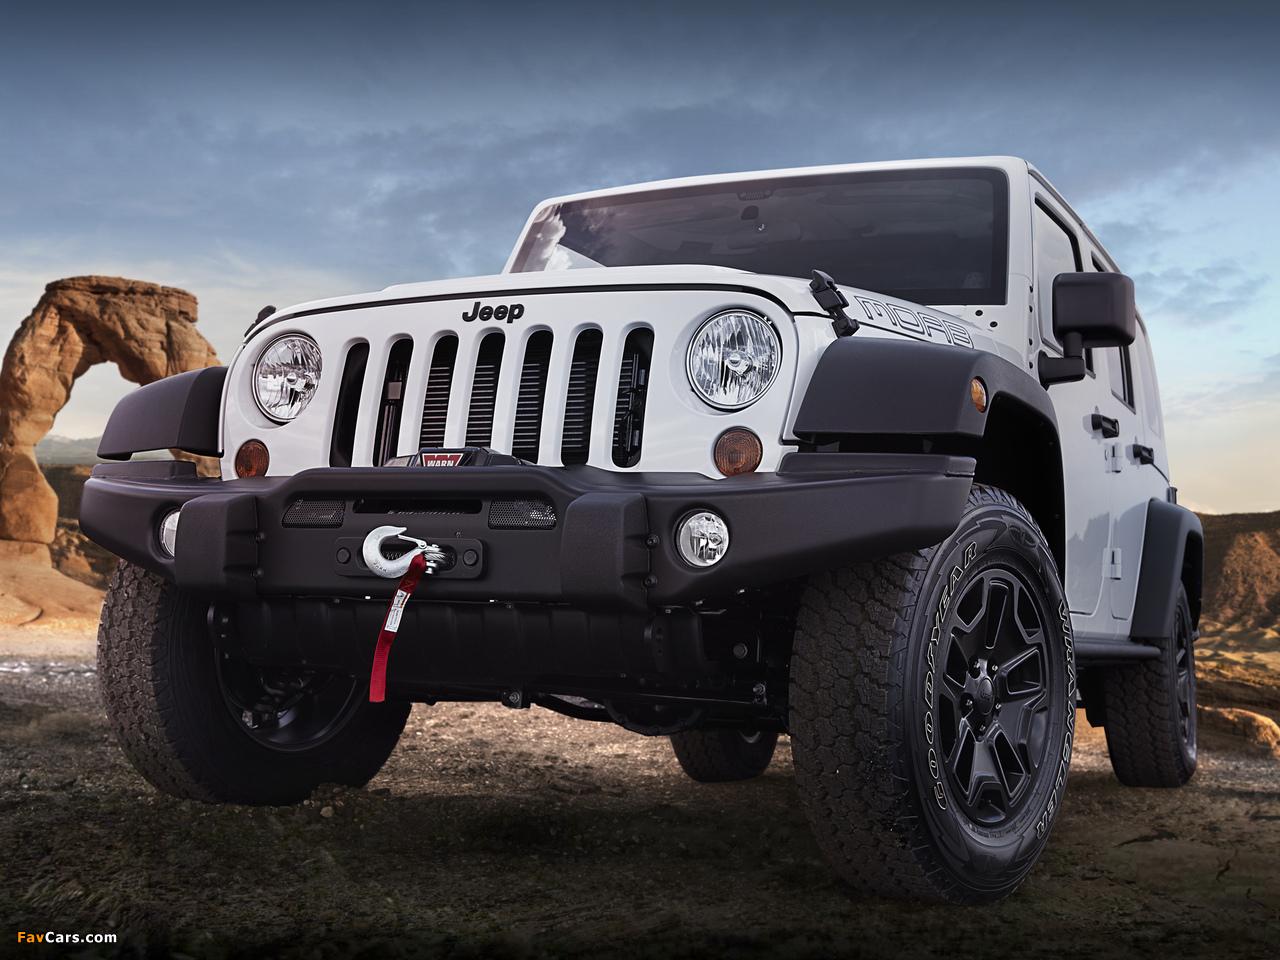 Jeep Wrangler Unlimited Moab (JK) 2012 photos (1280 x 960)